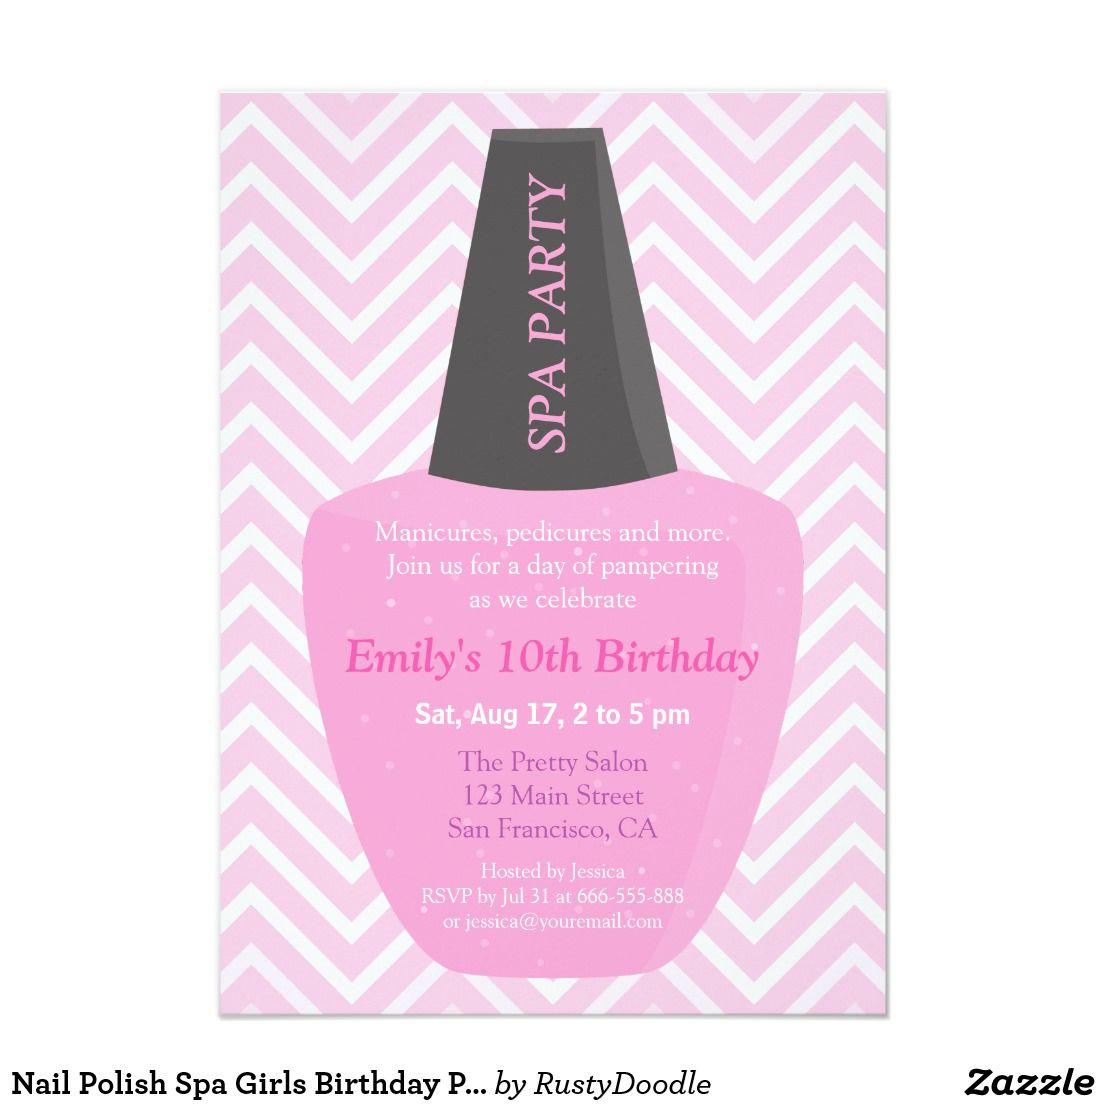 Nail Polish Spa Girls Birthday Party Invitations | Girl birthday ...